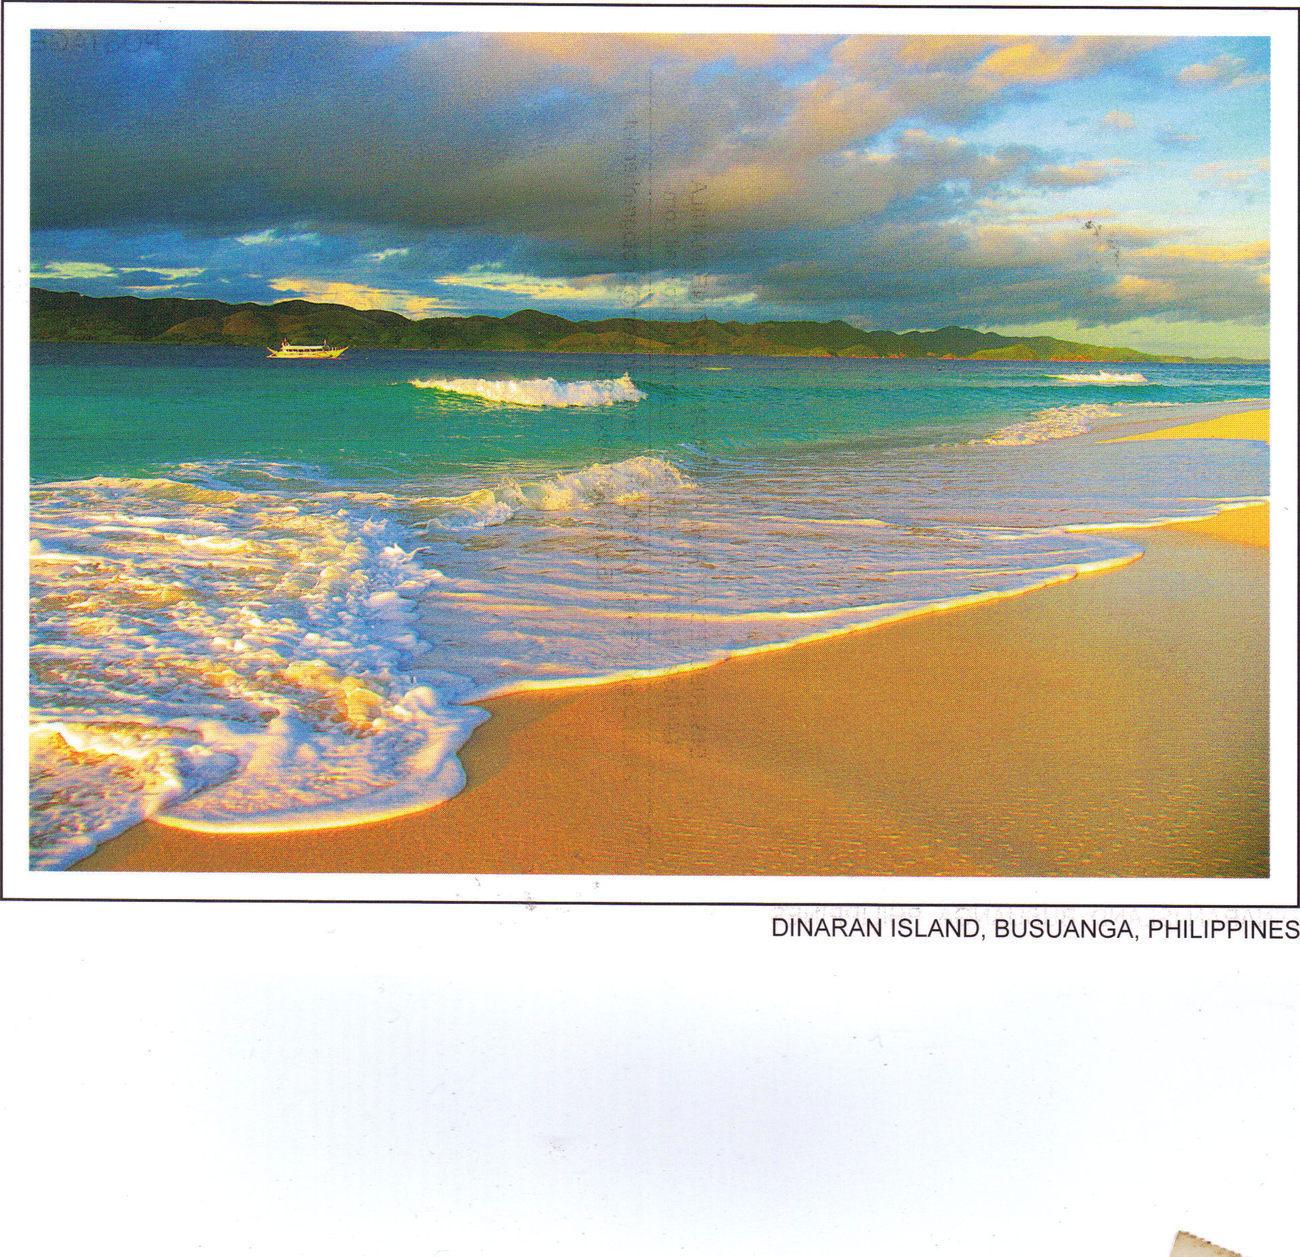 Phil postcard dinaran